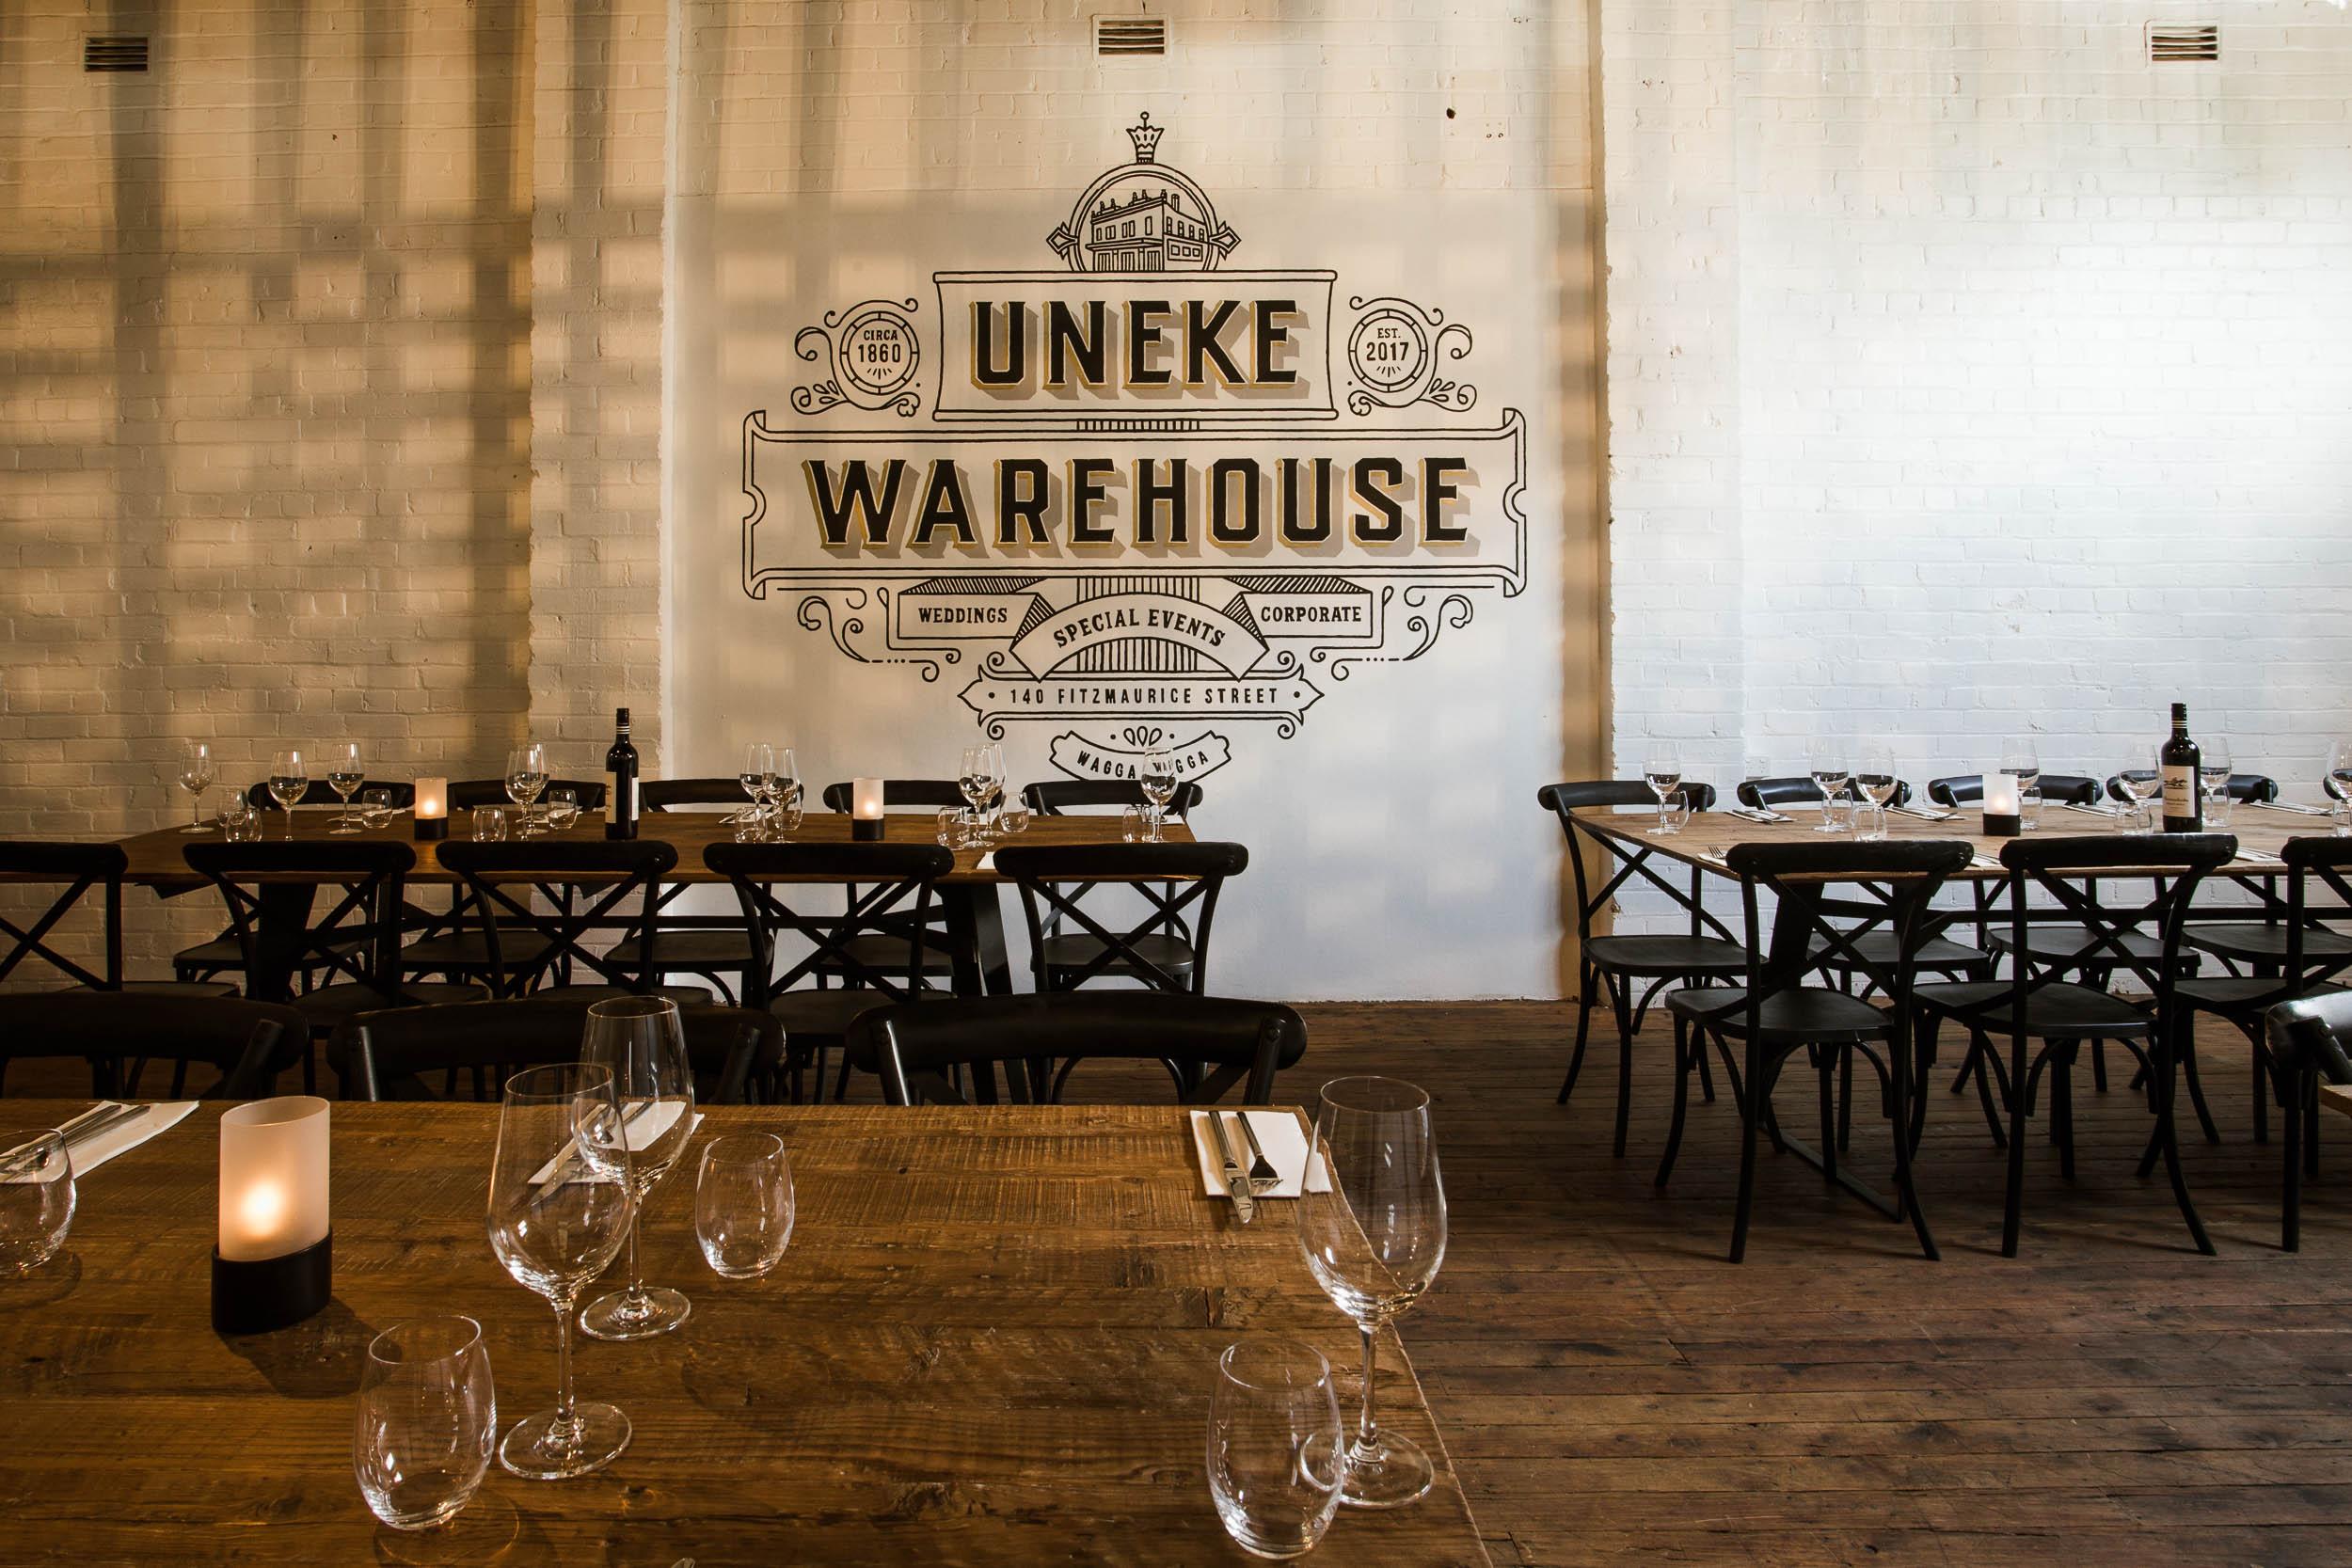 Uneke Warehouse_IMG_0942_DIGITAL.jpg